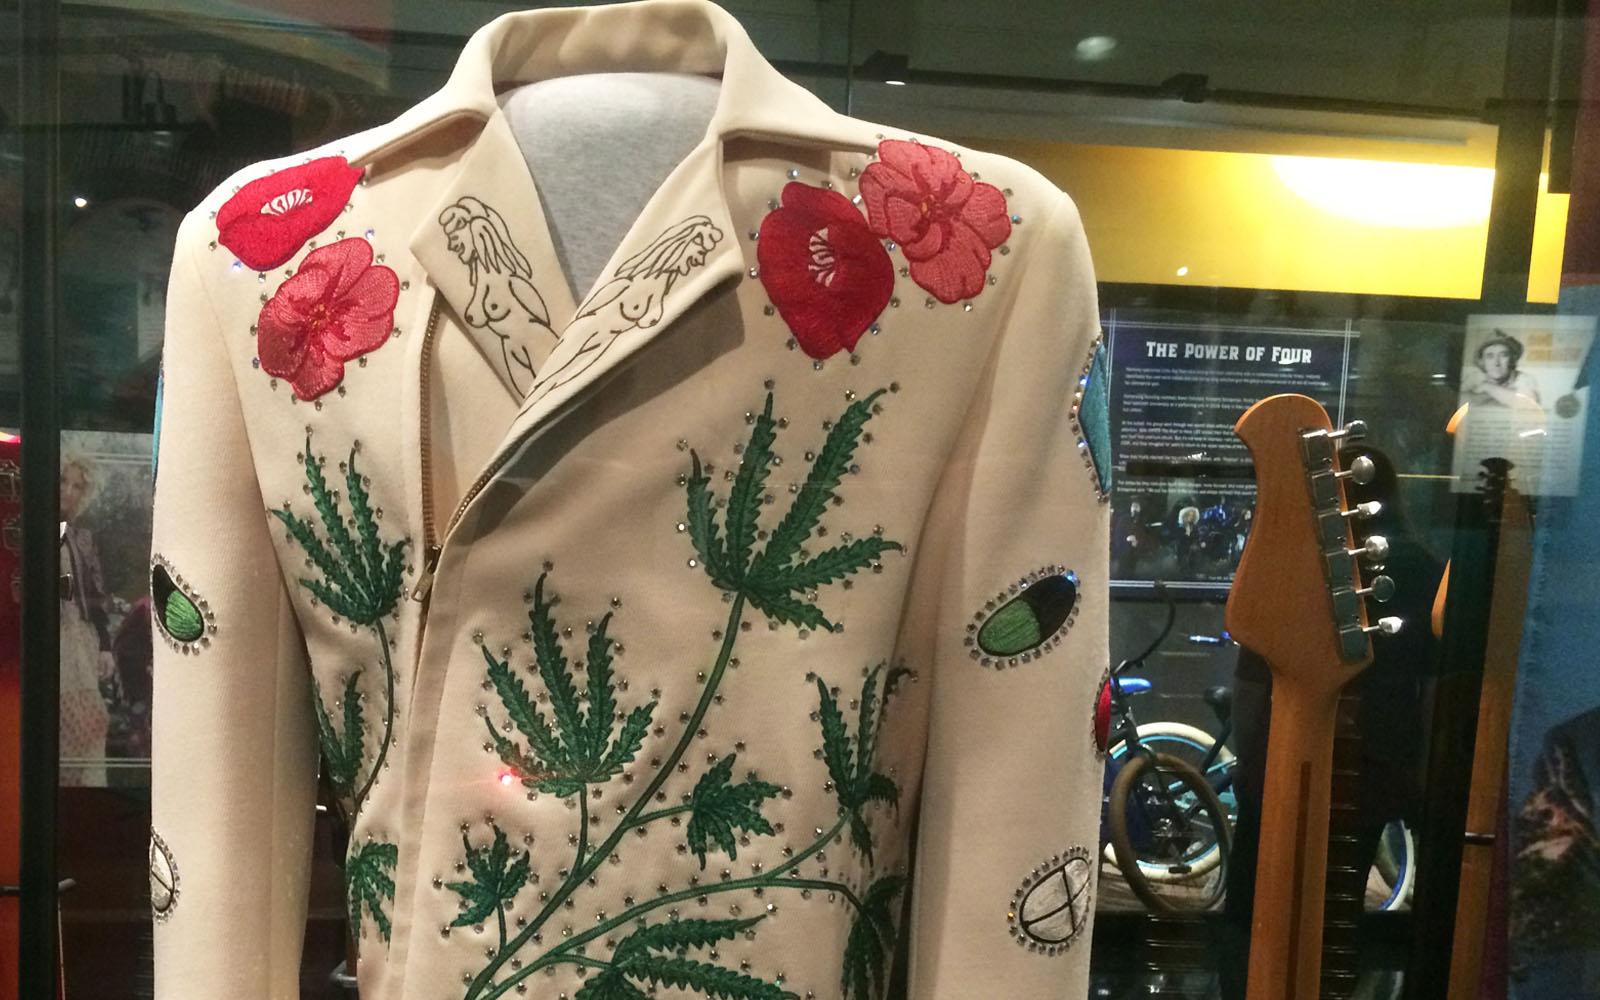 Uno degli eccentrici costumi di scena degli artisti country, esposto al Country Music Hall of Fame di Nashville.